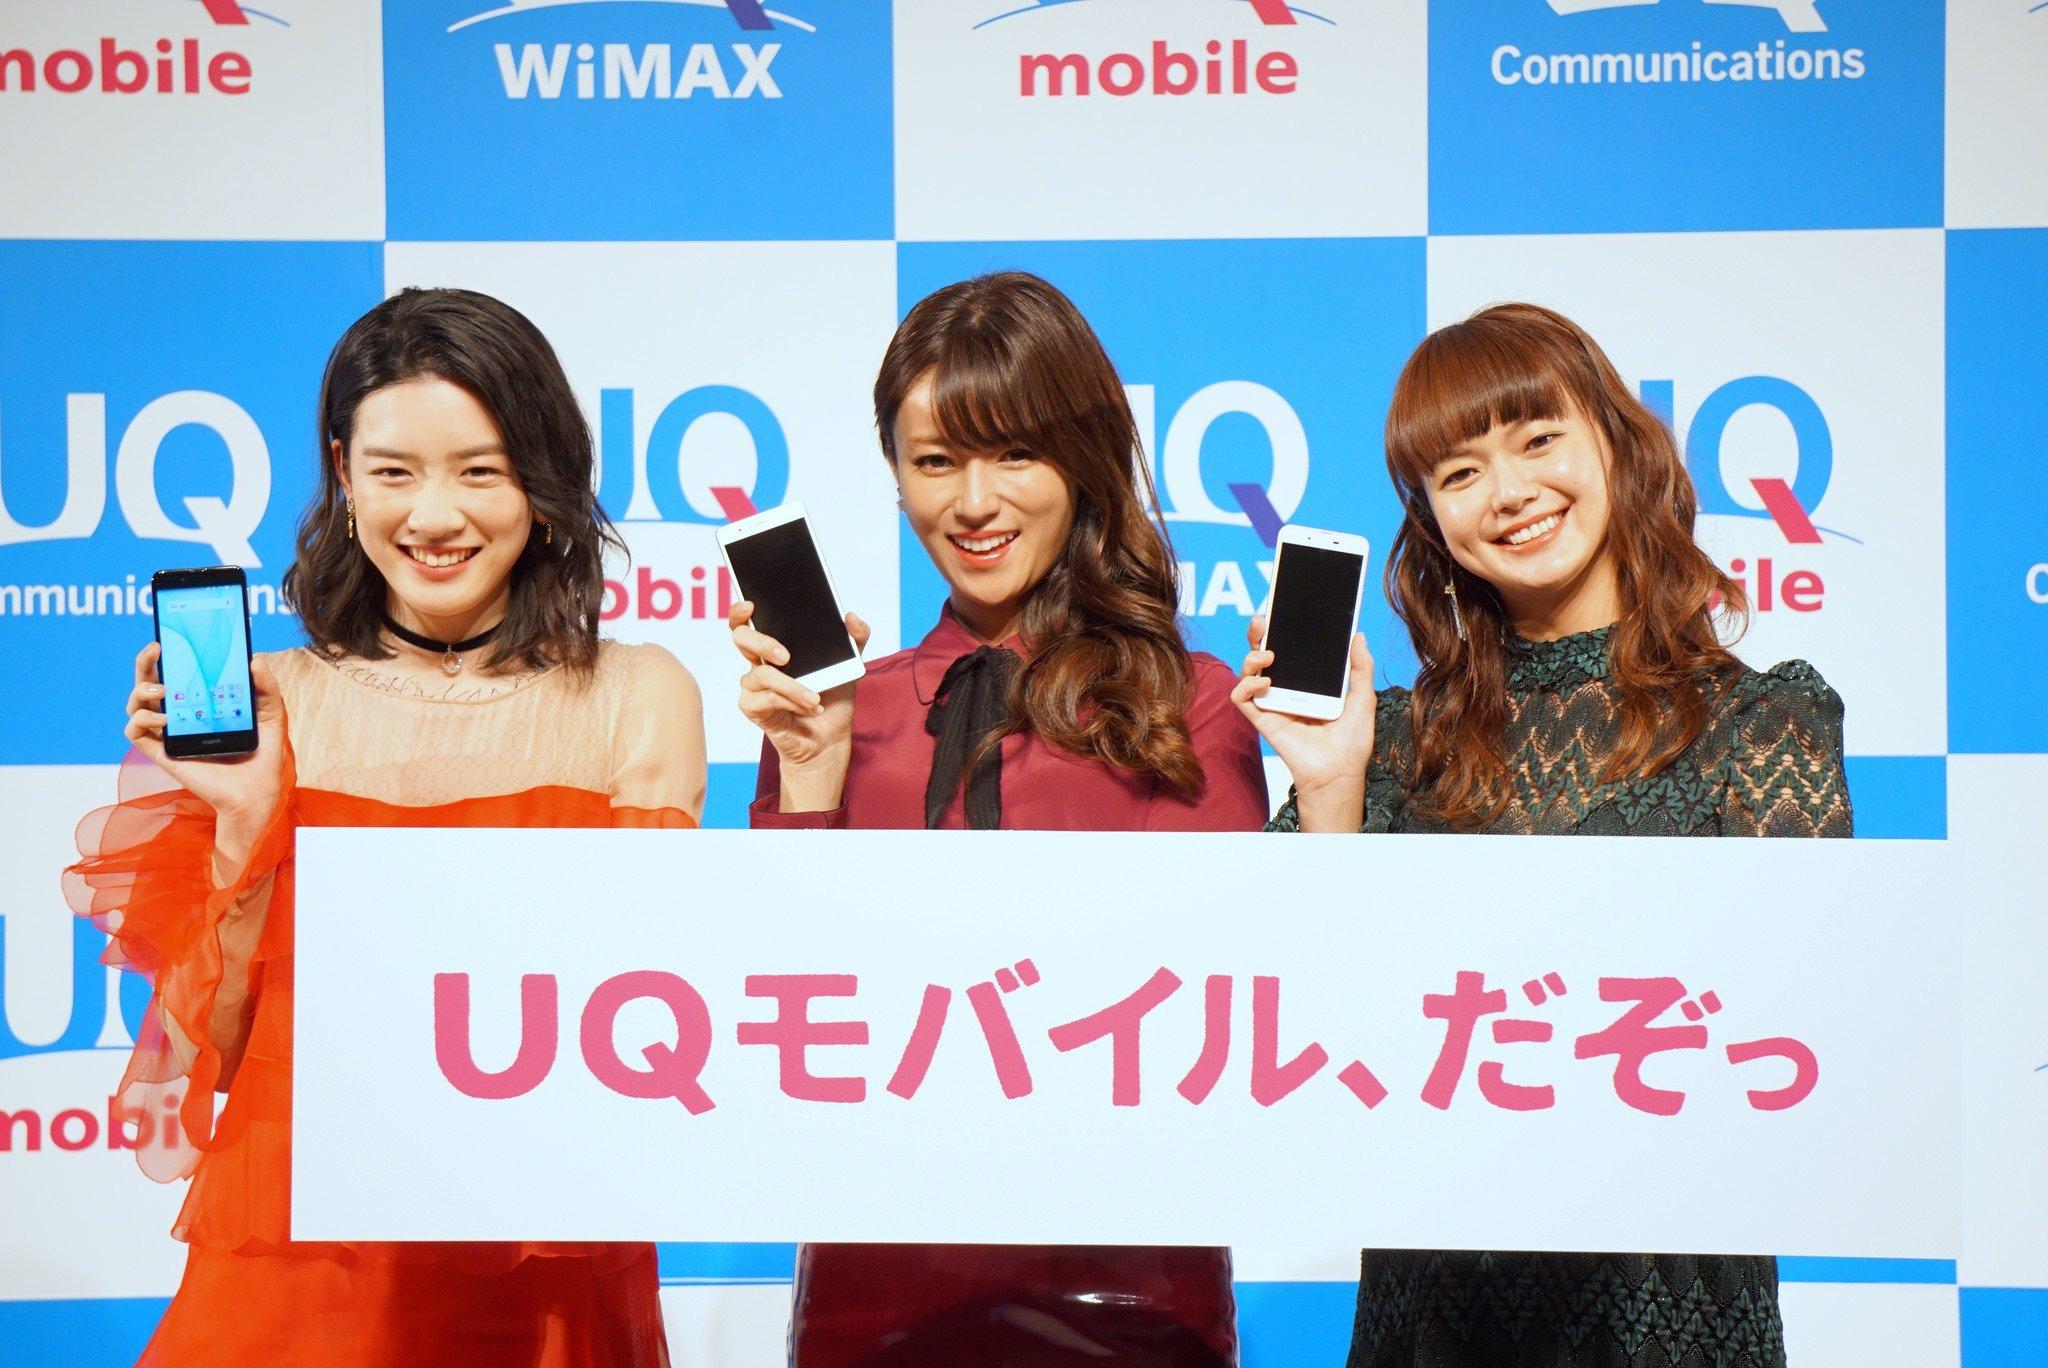 UQ mobile、2016年秋冬モデルを発表。おサイフ、防水対応スマホなど